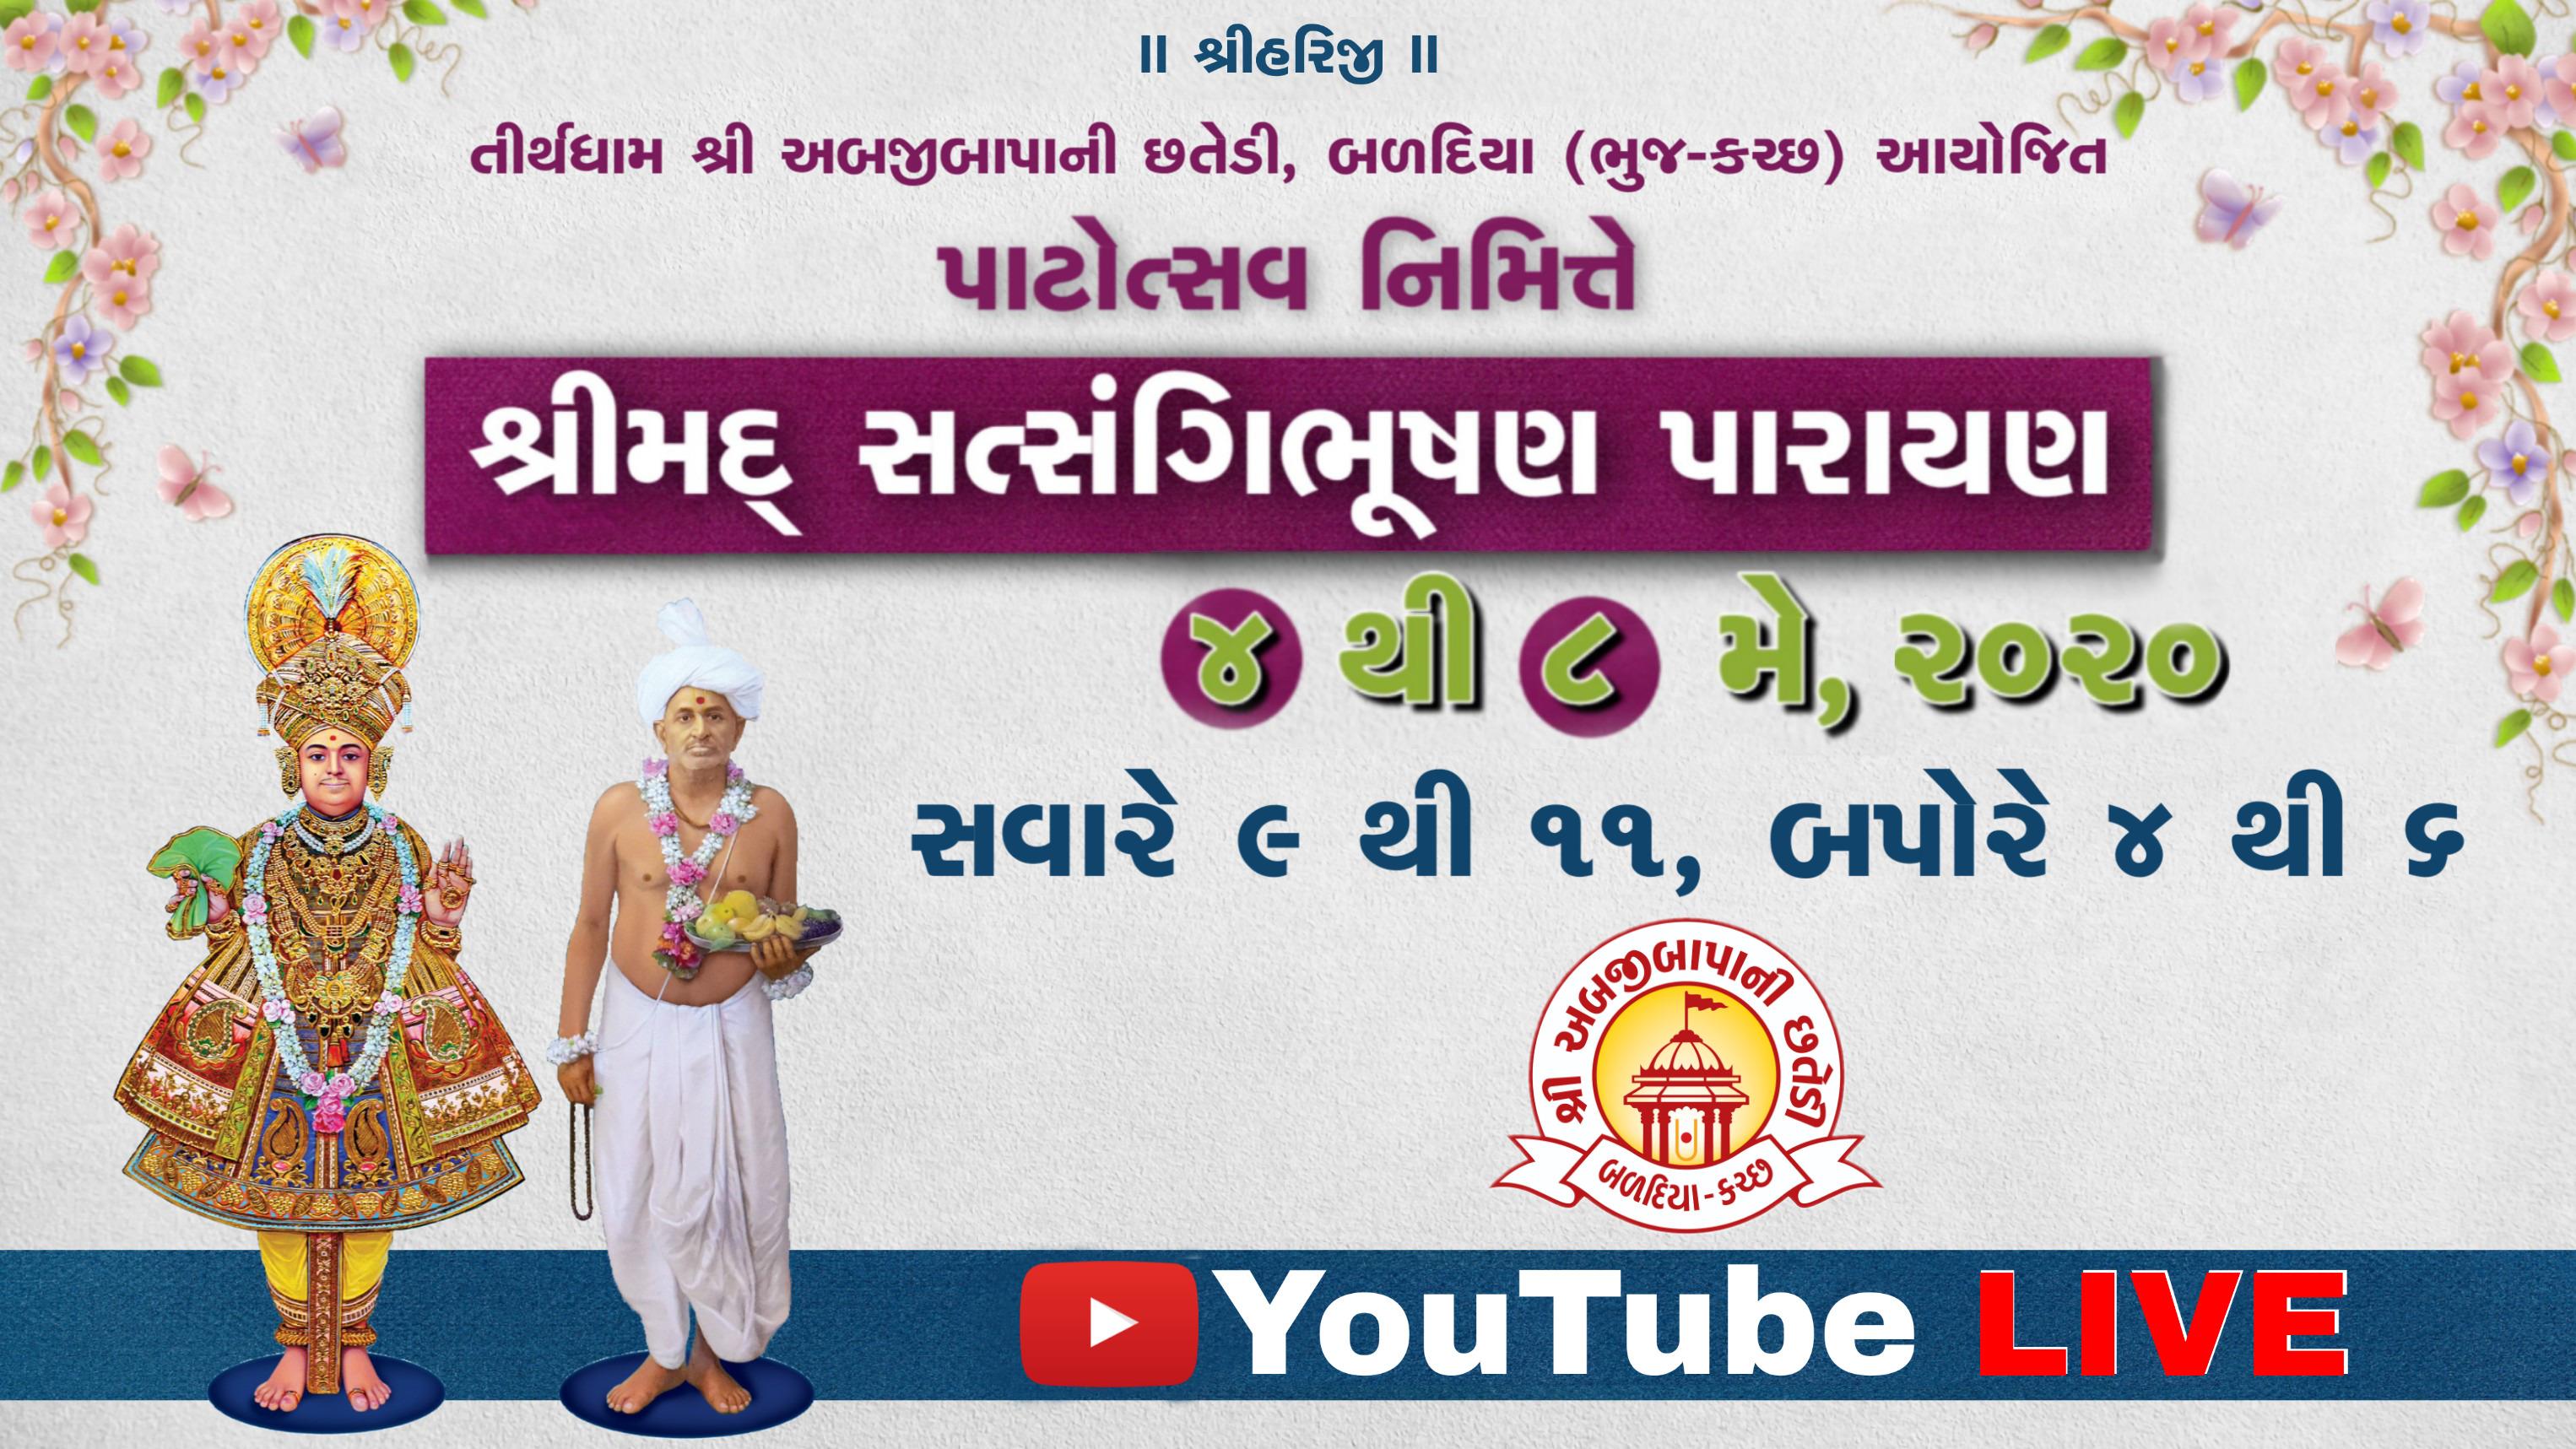 Patotsav nimite Satsangi Bhushan Parayan